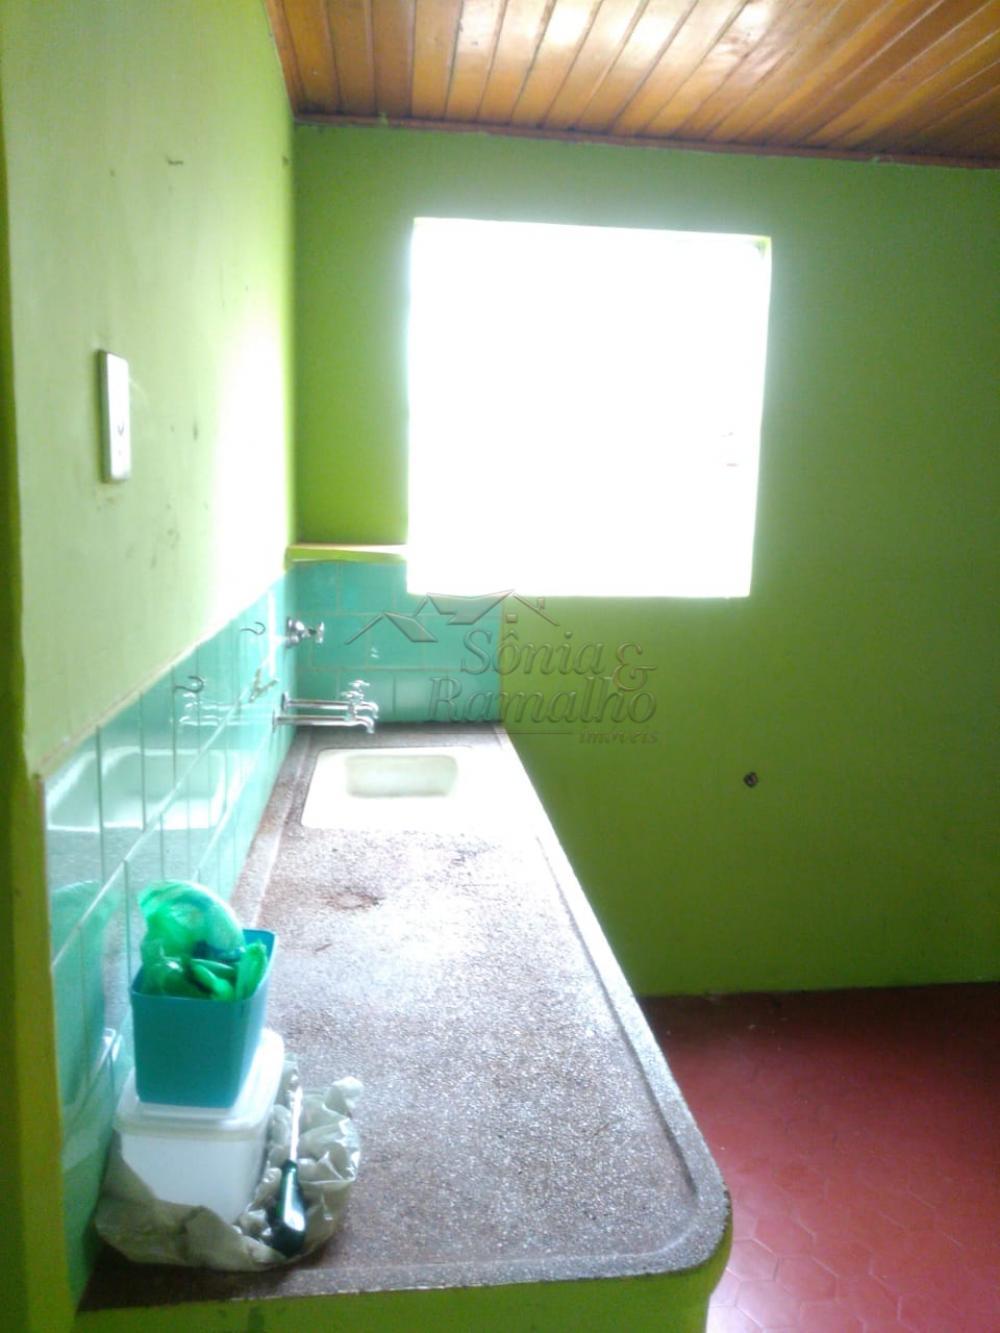 Alugar Casas / Padrão em Ribeirão Preto apenas R$ 900,00 - Foto 6